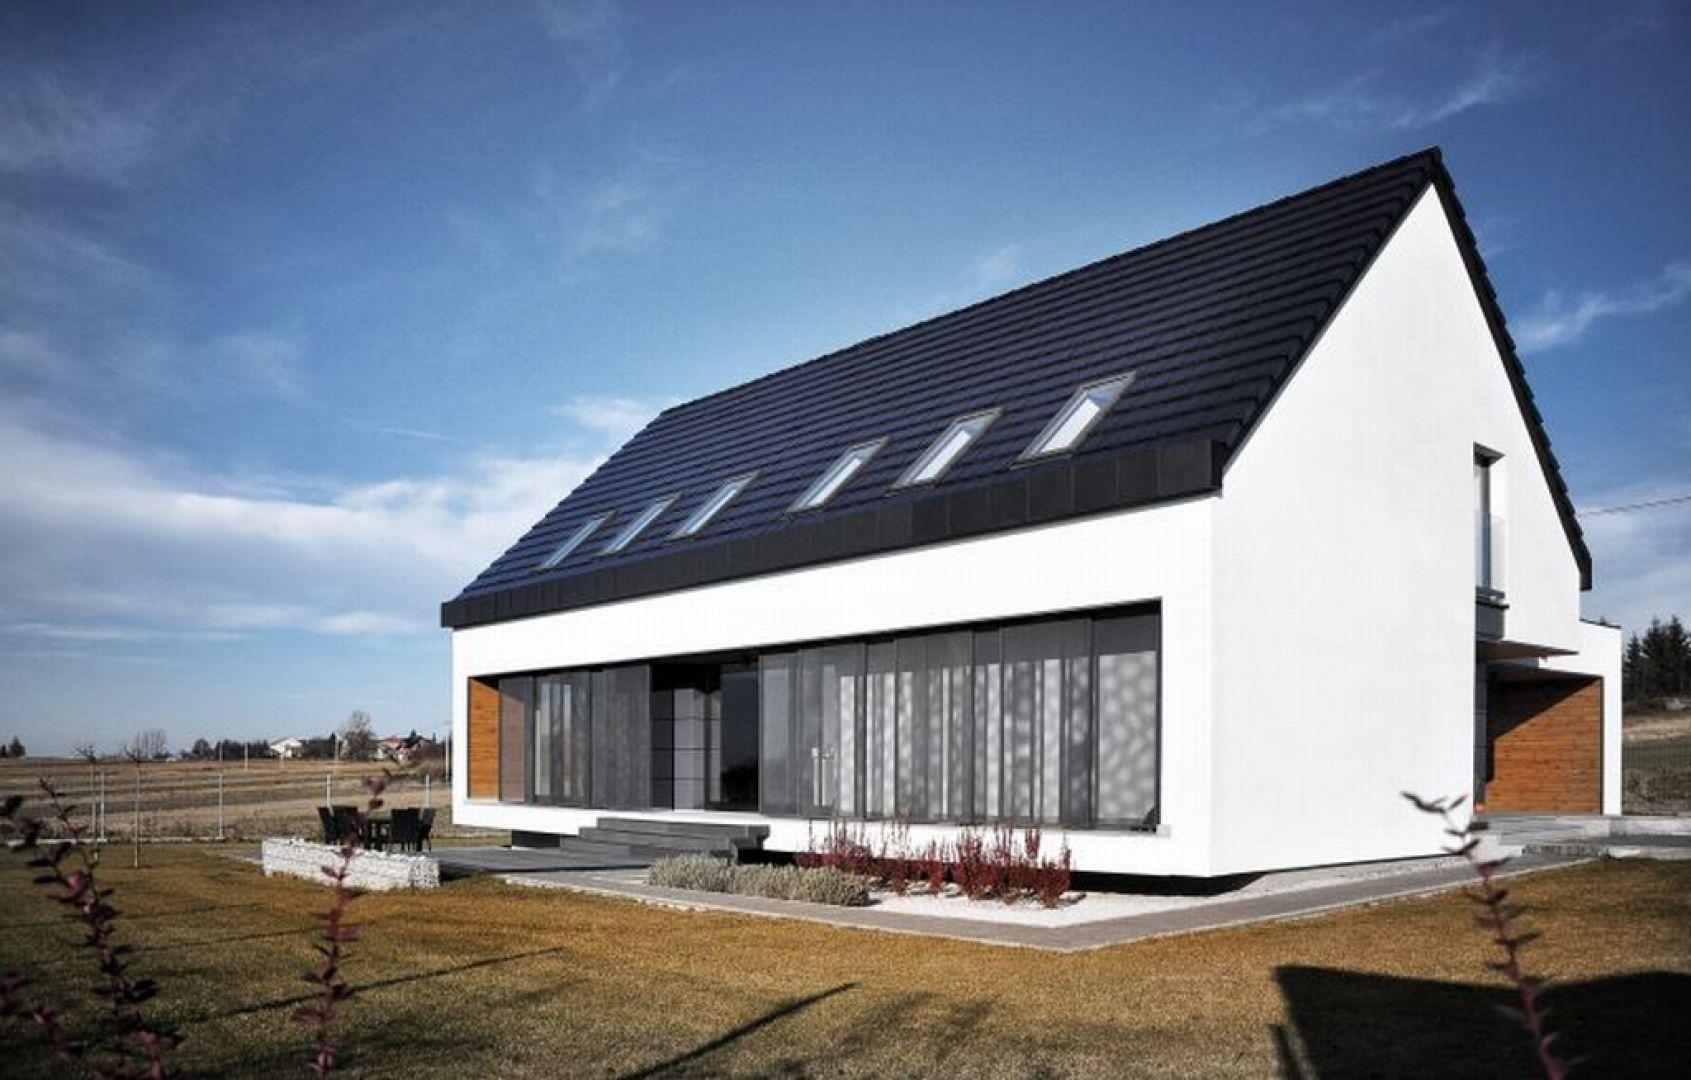 To, co wyróżnia projekt w podkrakowskich Jerzmanowicach to czysta, prosta forma bez zbędnych ozdobników, dwuspadowy dach, a także kontrastowe zestawienia kolorów – bieli i szarości. Fot. Baumit